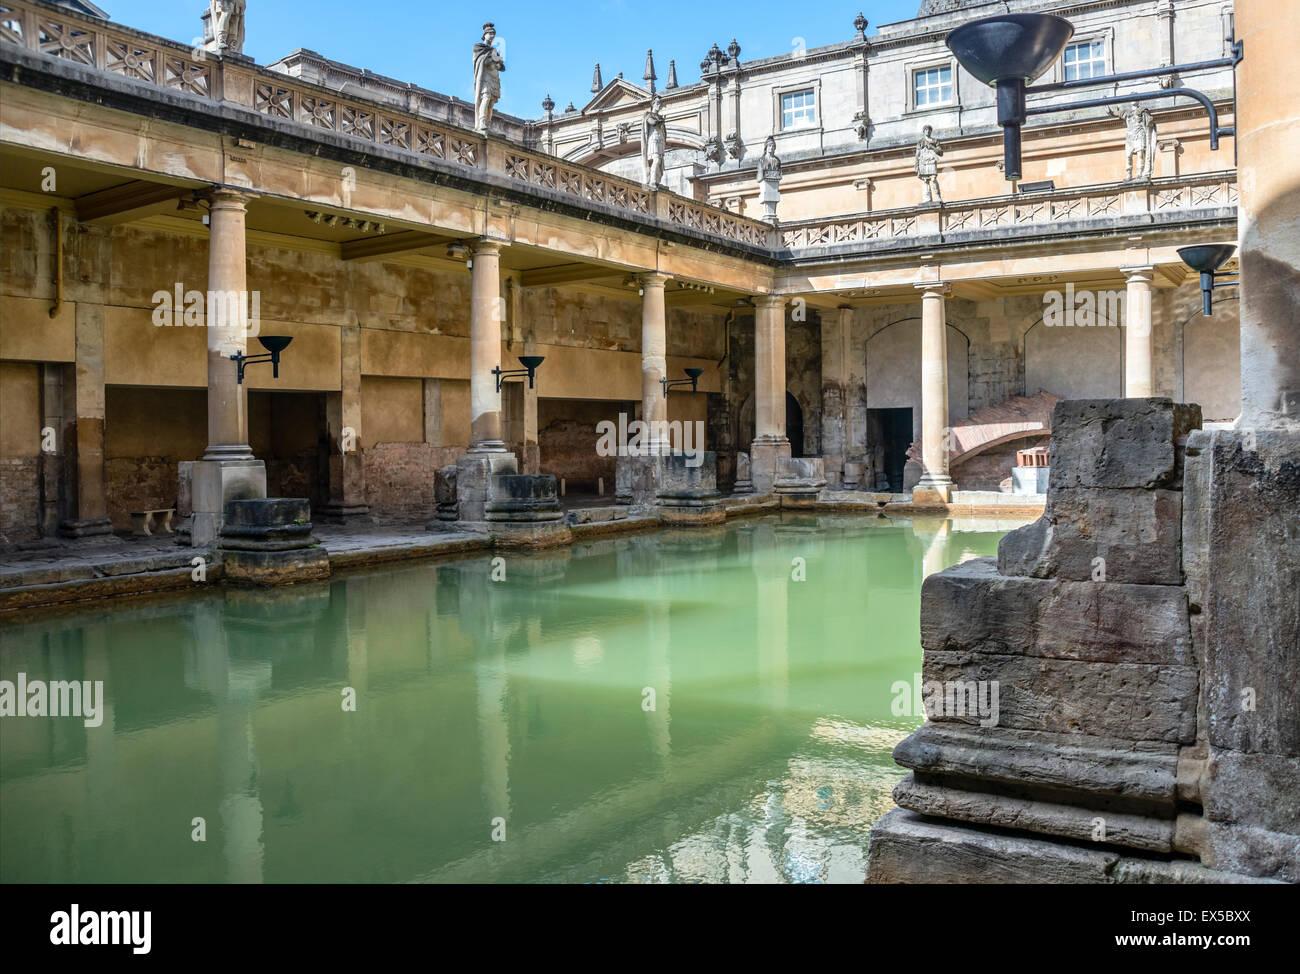 La grande baignoire des bains romains complexe, un site d'intérêt historique dans la ville anglaise Photo Stock